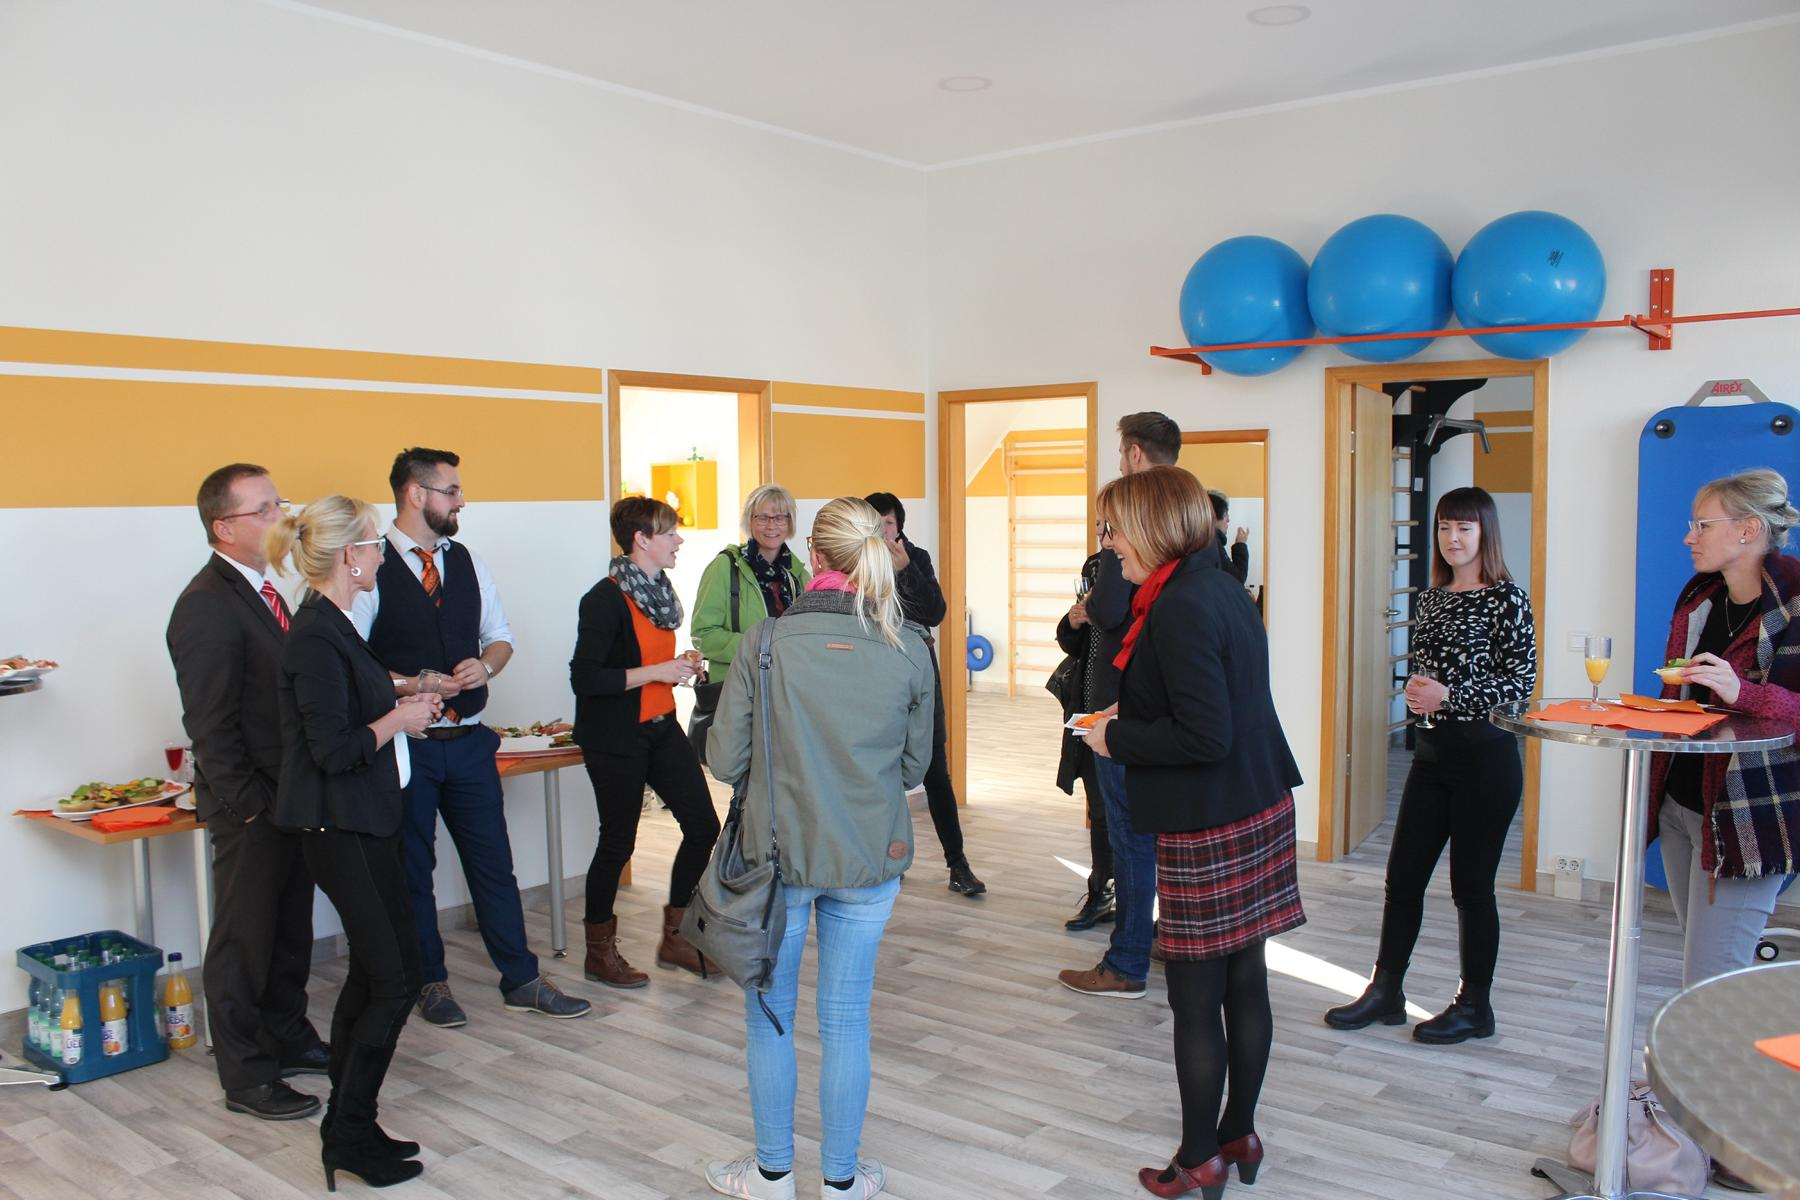 Eröffnung der Physio- und Ergotherapiepraxis in Herzberg (Elster)